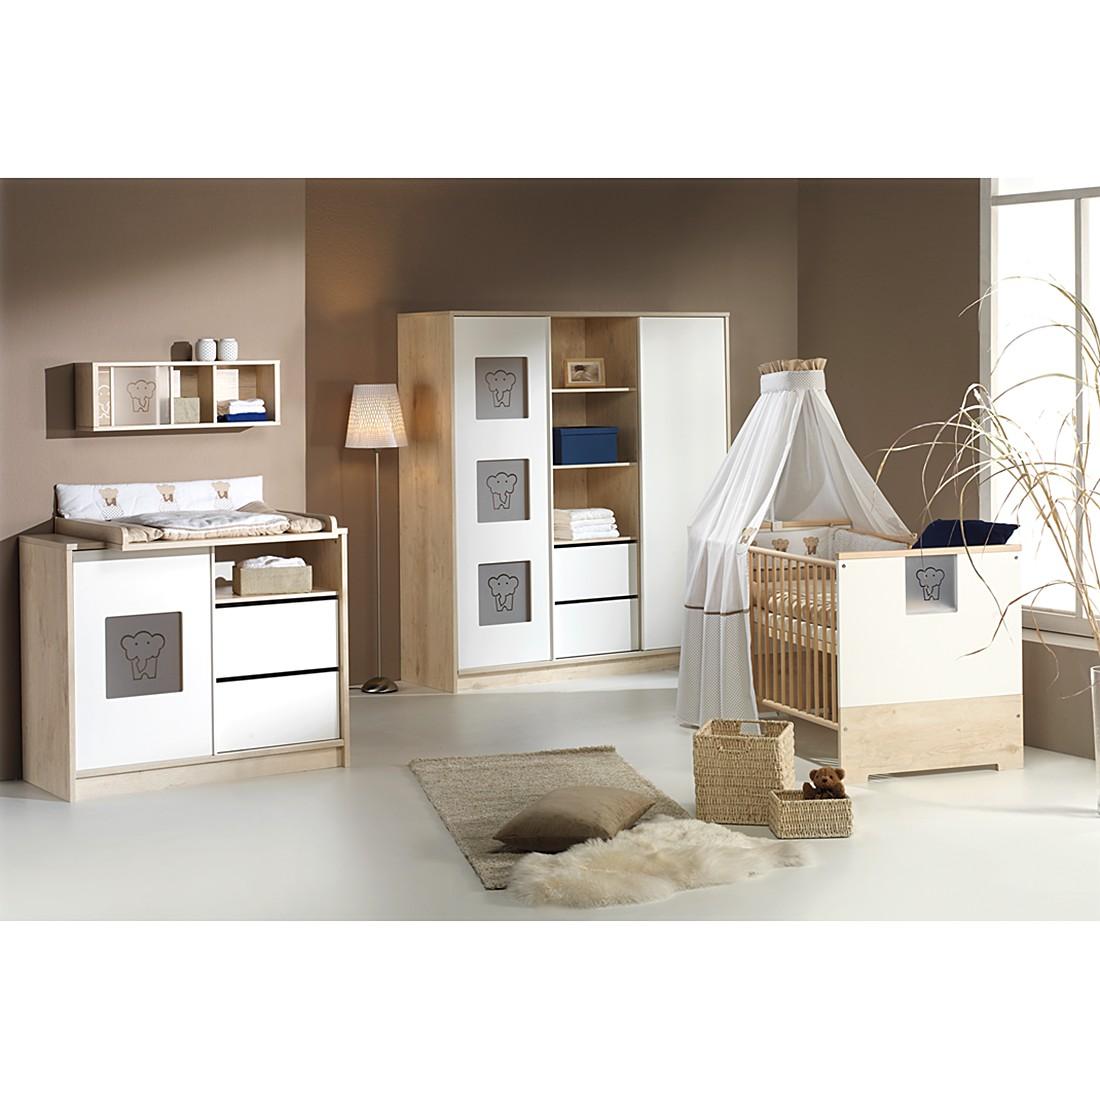 Babyzimmer Eco Slide (3-tlg.) - Lancelot Oak/Weiß - mit Schrank mit Mittelregal, Schardt